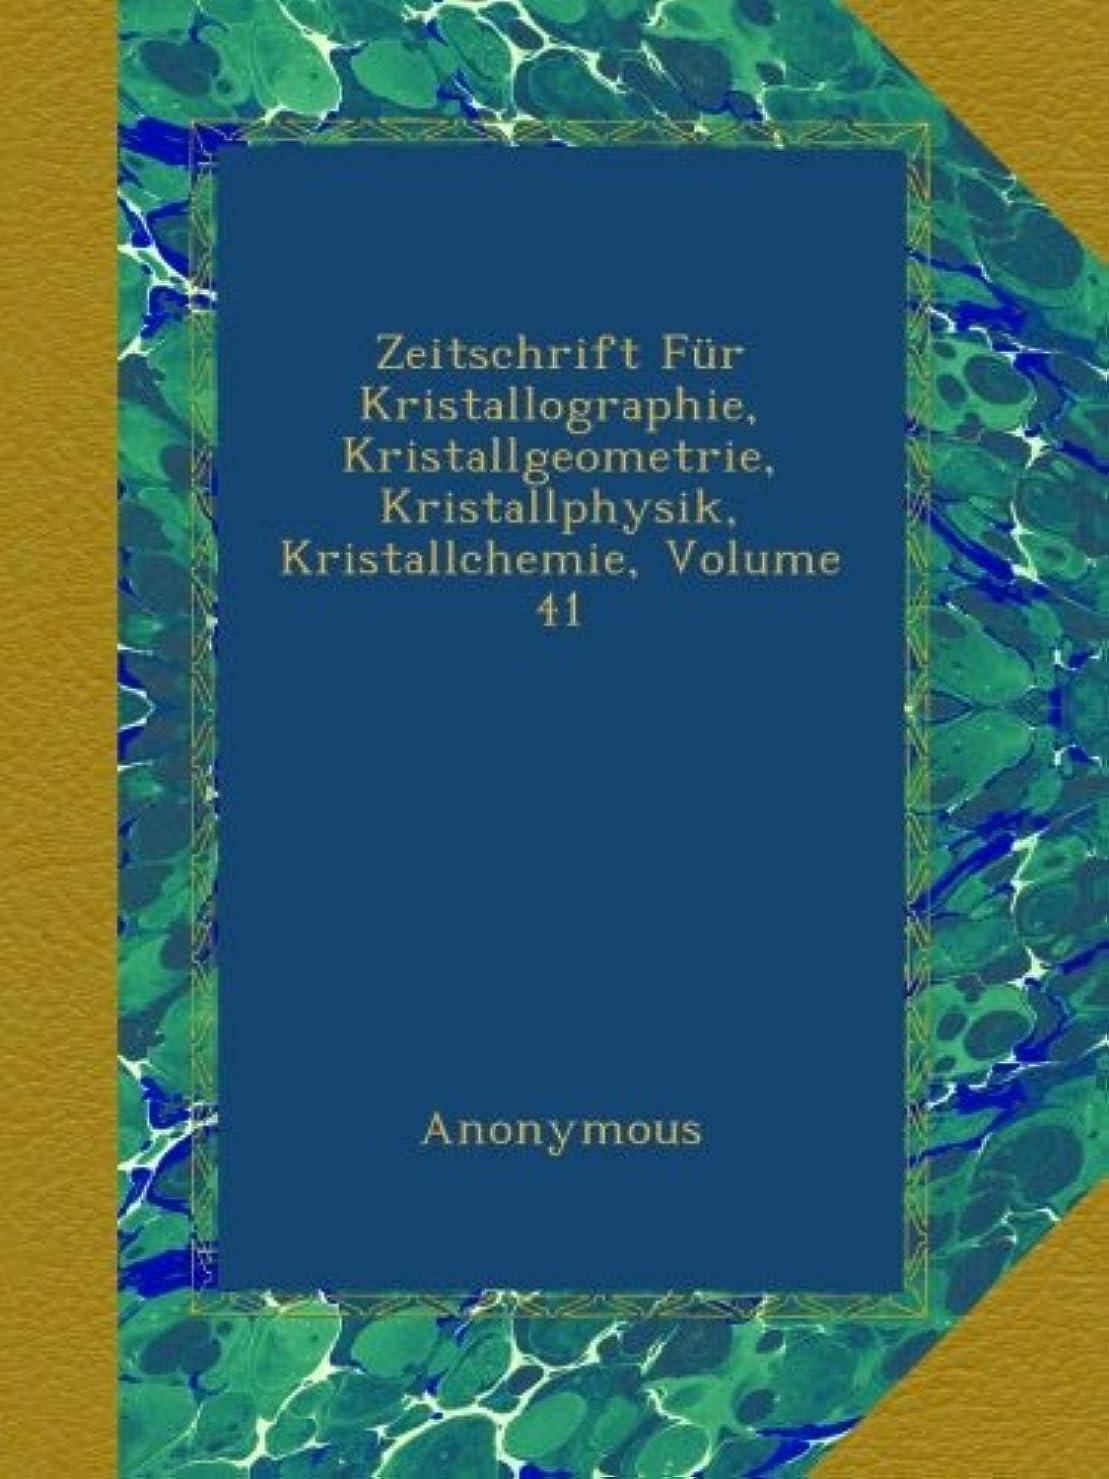 倫理医薬サンダースZeitschrift Fuer Kristallographie, Kristallgeometrie, Kristallphysik, Kristallchemie, Volume 41